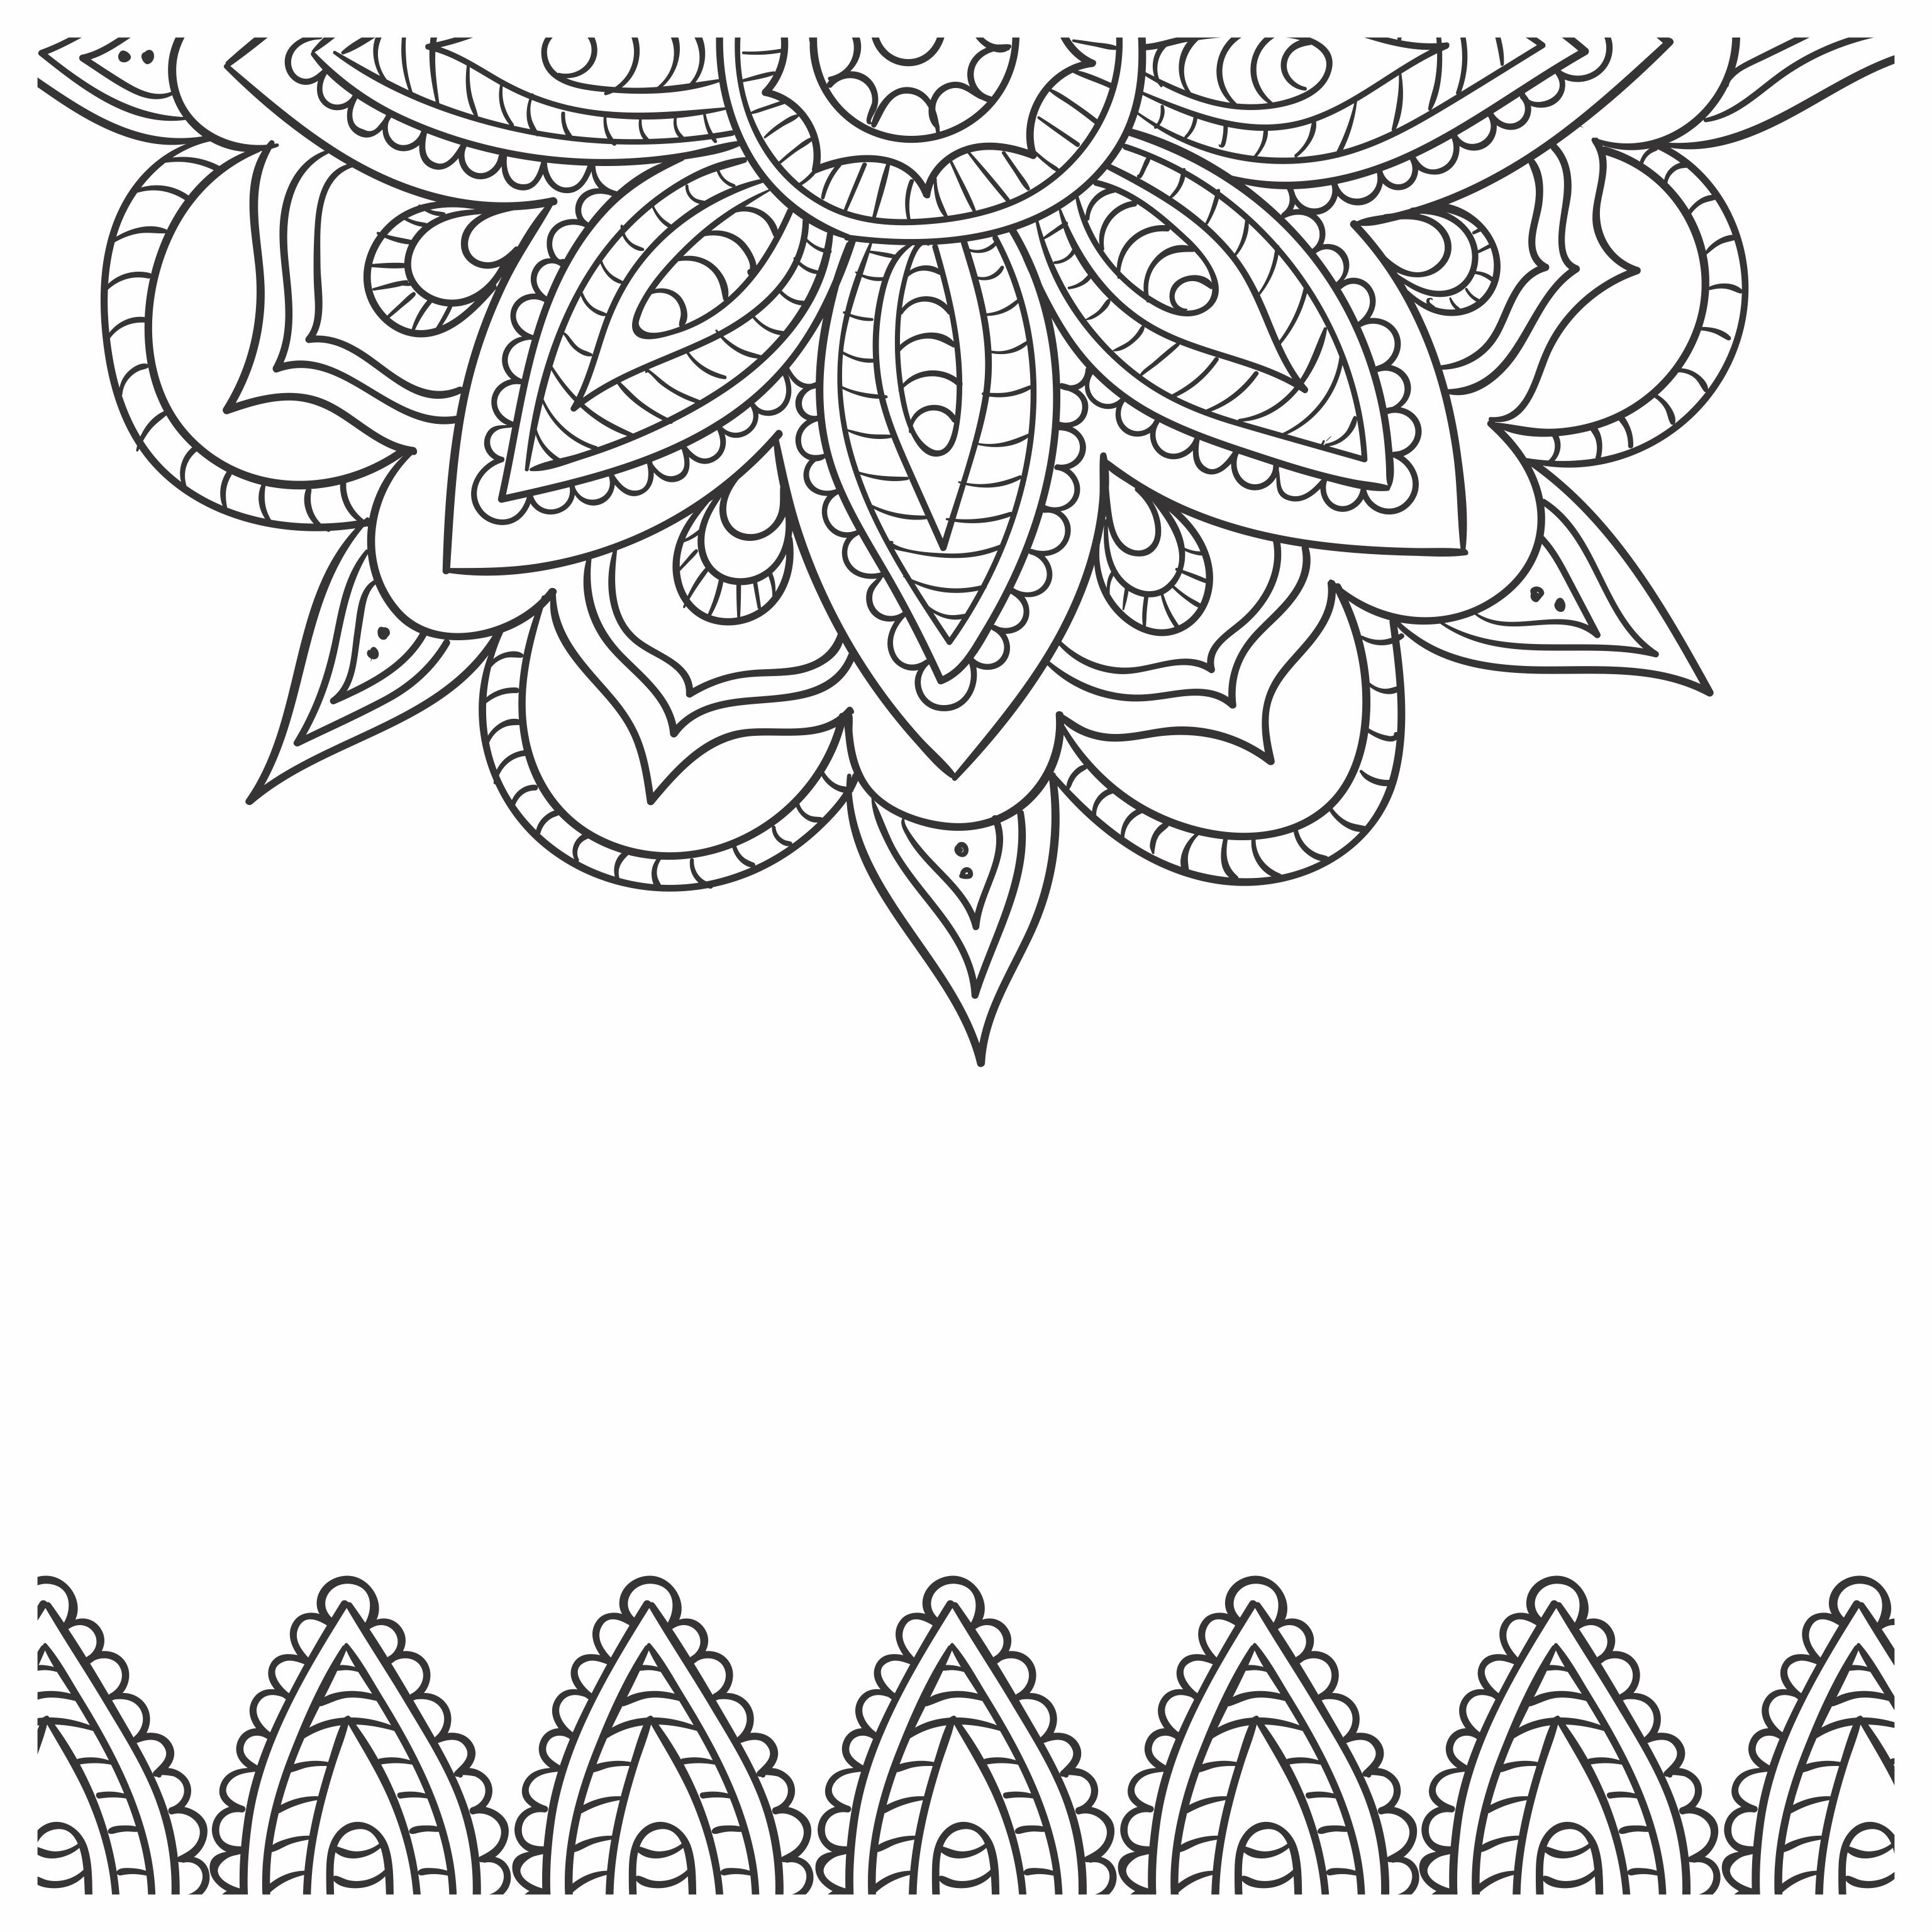 Imagens para colorir em alta 10 - Mandalas para Colorir em Alta Qualidade